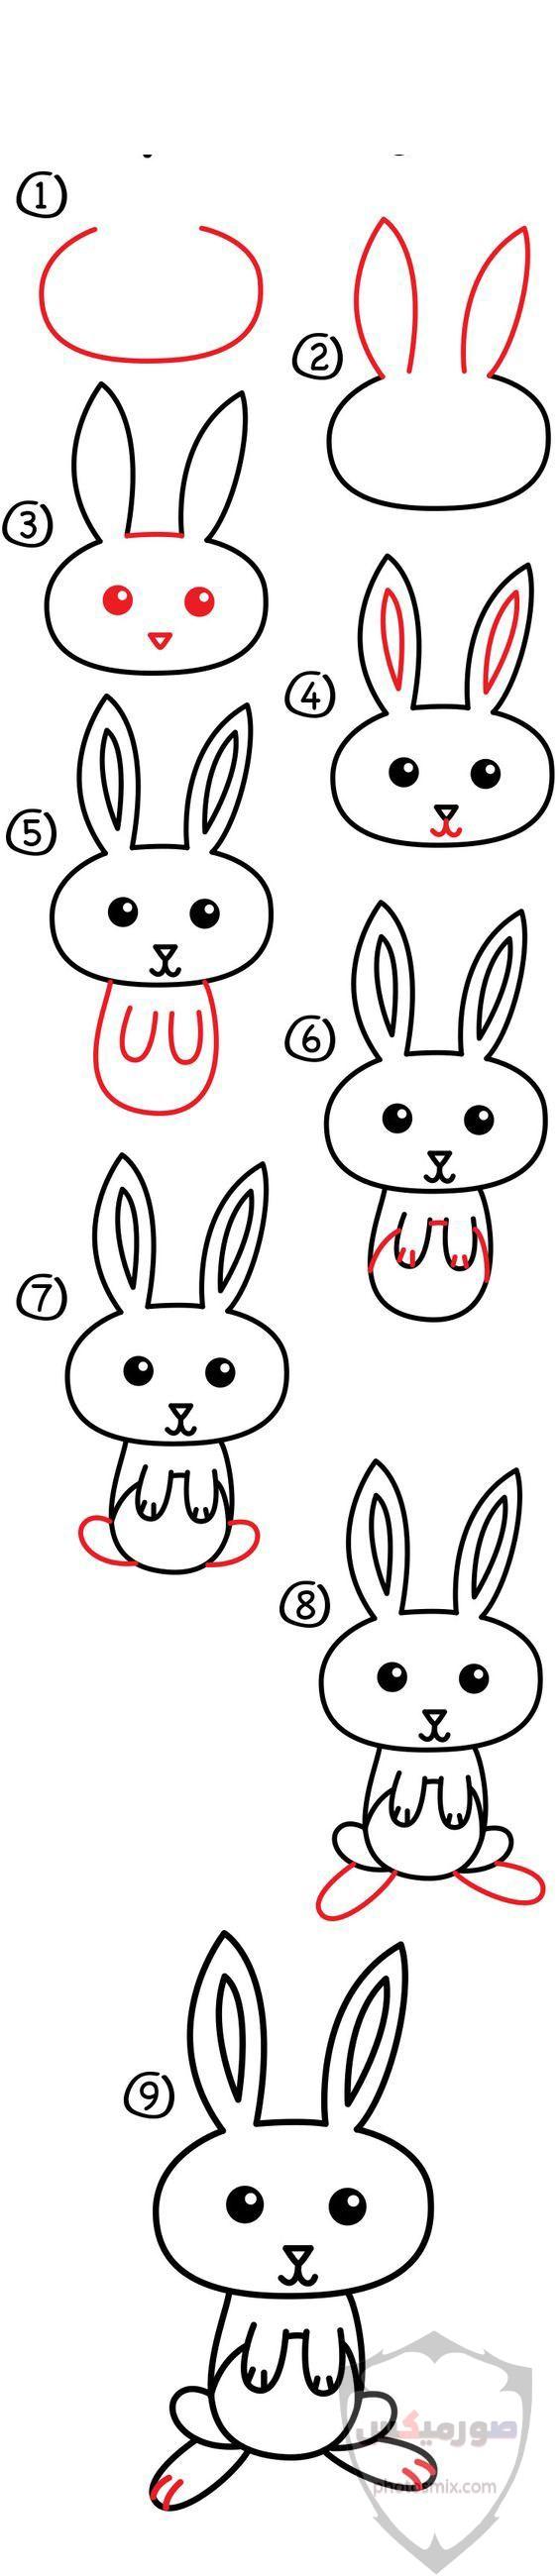 صور خلفيات رمزيات ارانب كيوت صورة خلفية ارنب كيوت جدا 22